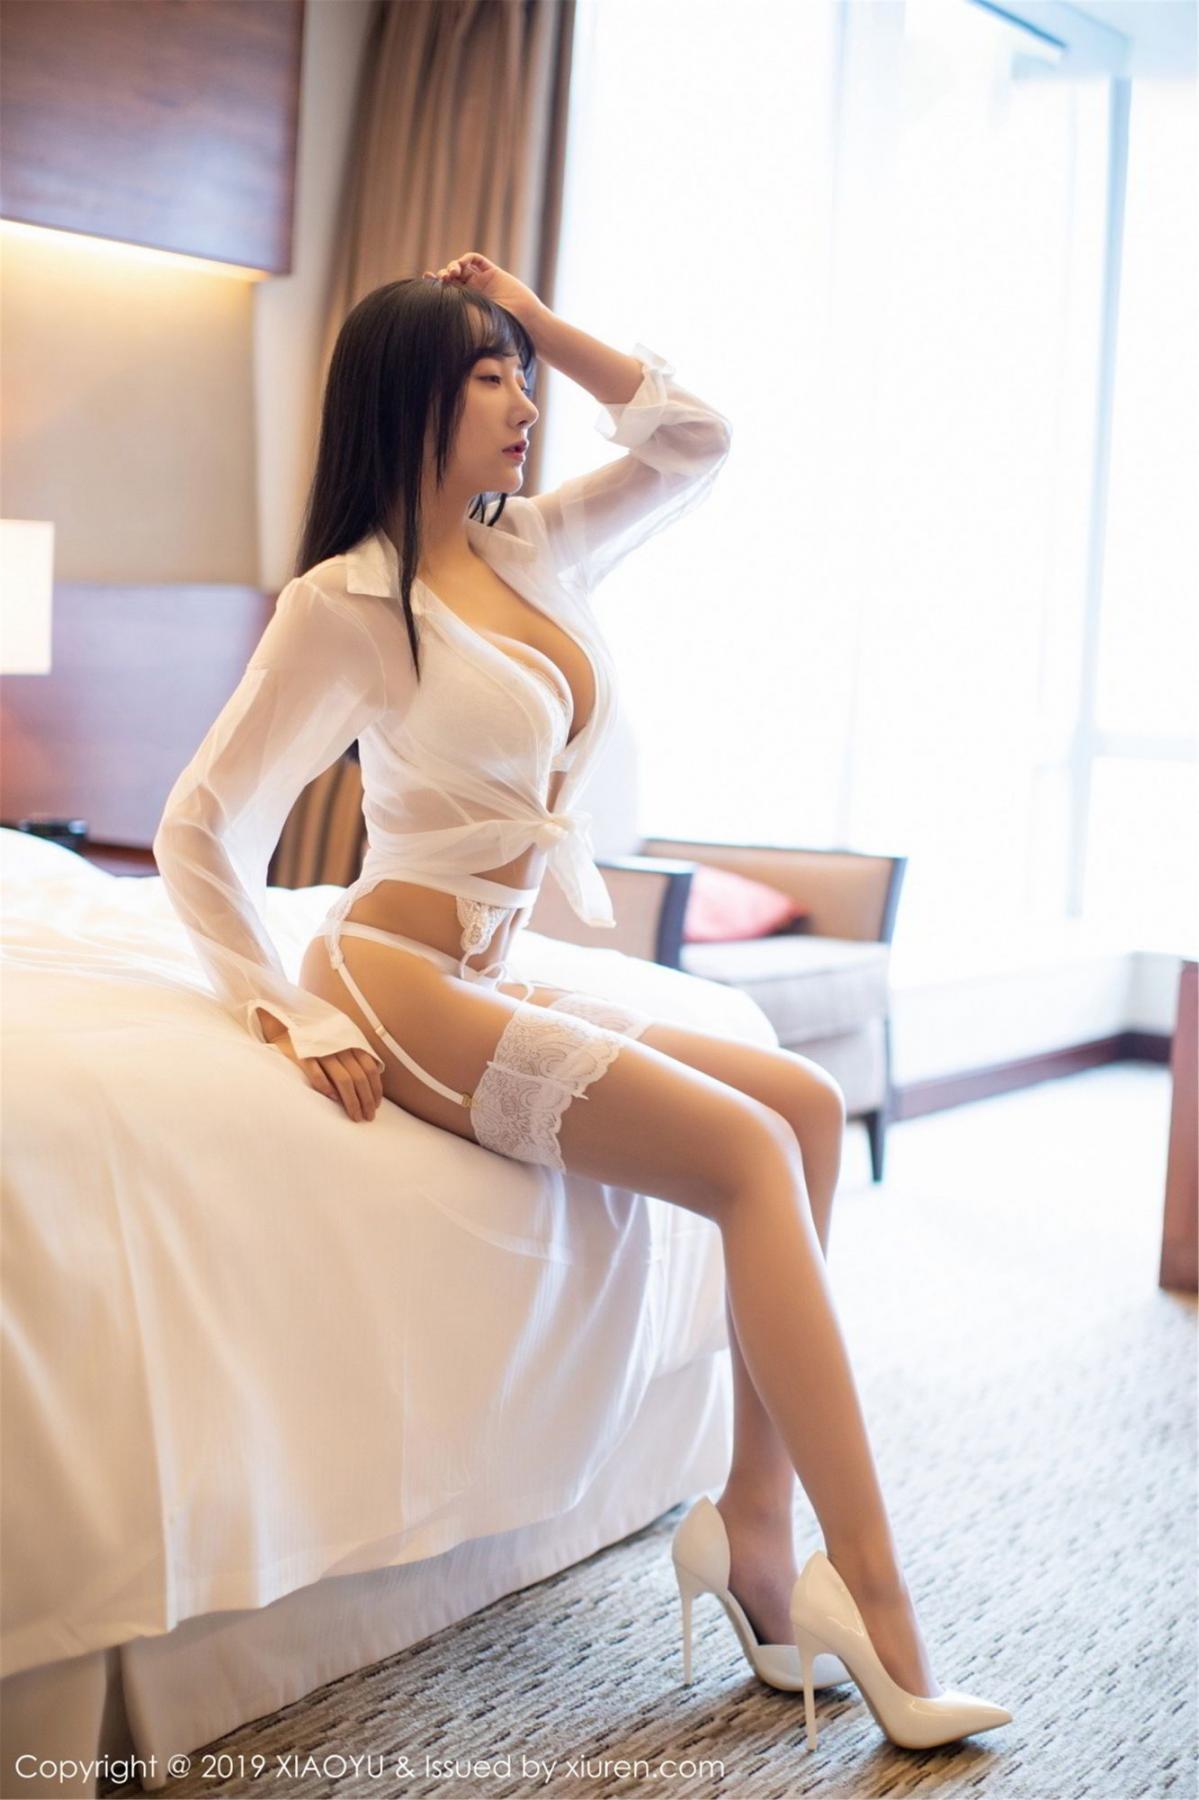 [XiaoYu] Vol.076 He Jia Ying 8P, He Jia Ying, Underwear, XiaoYu